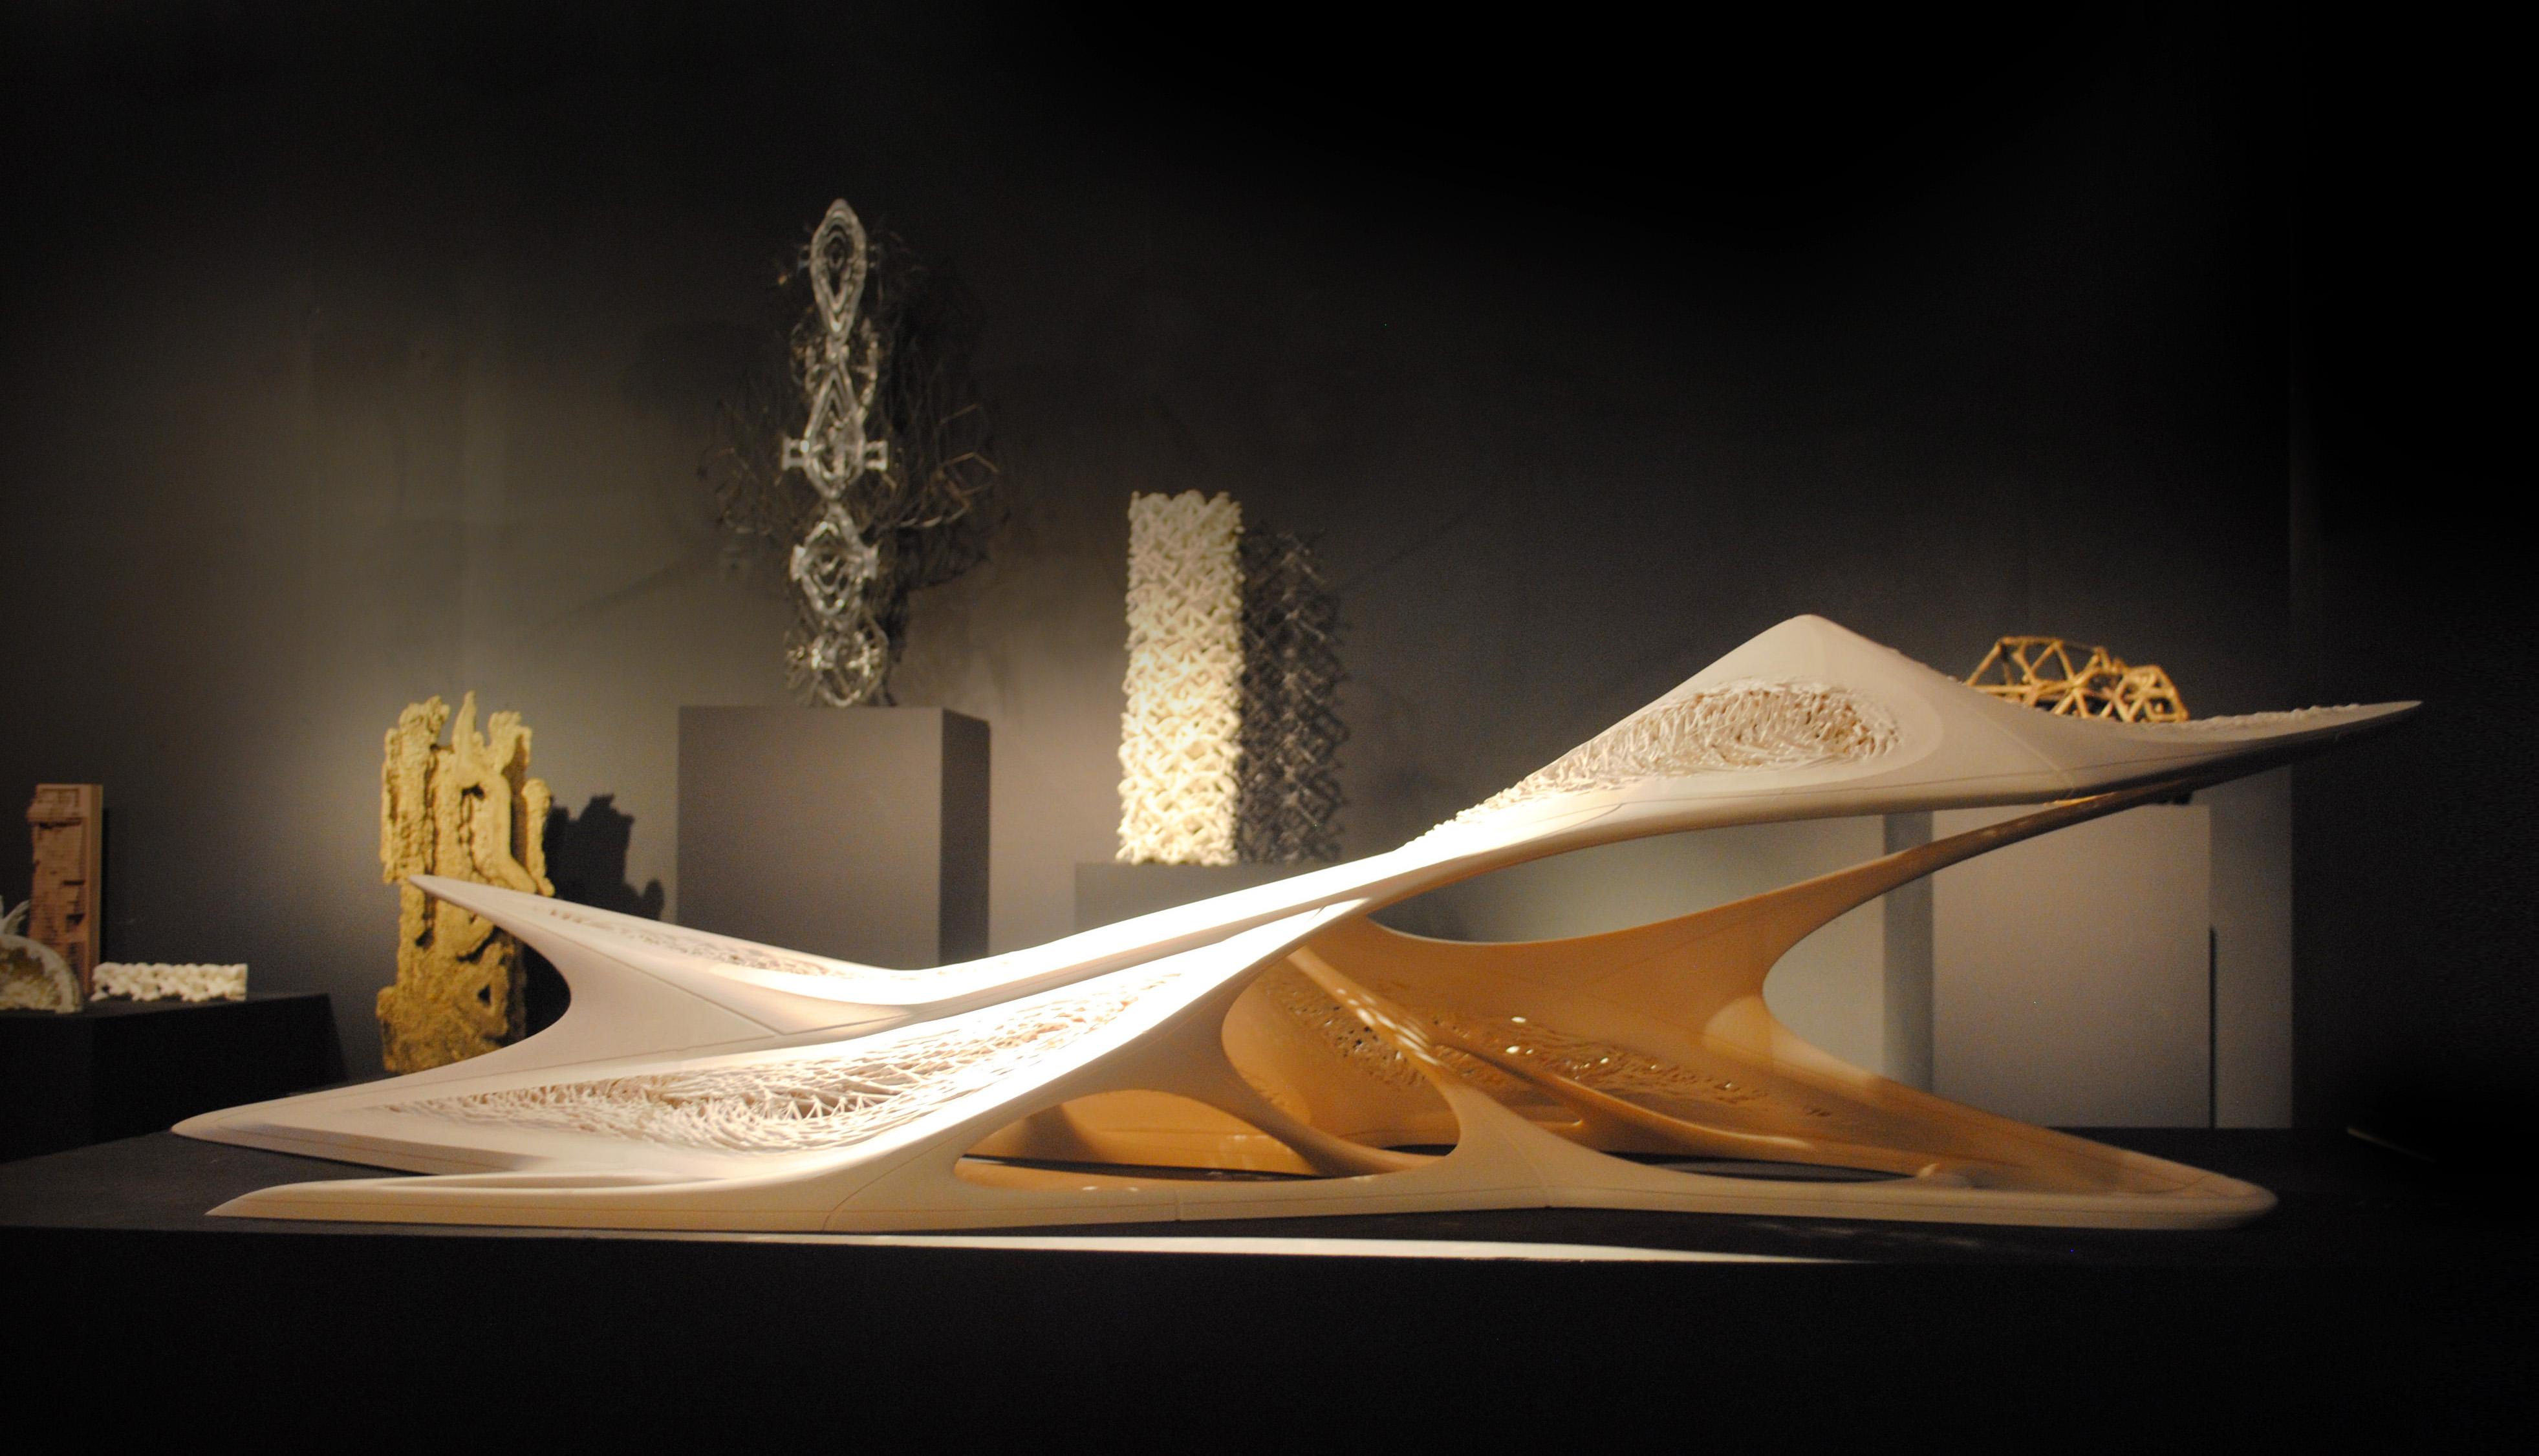 Дизайнер создает безупречные 3D-печатные архитектурные формы посредством вычислений на графических процессорах